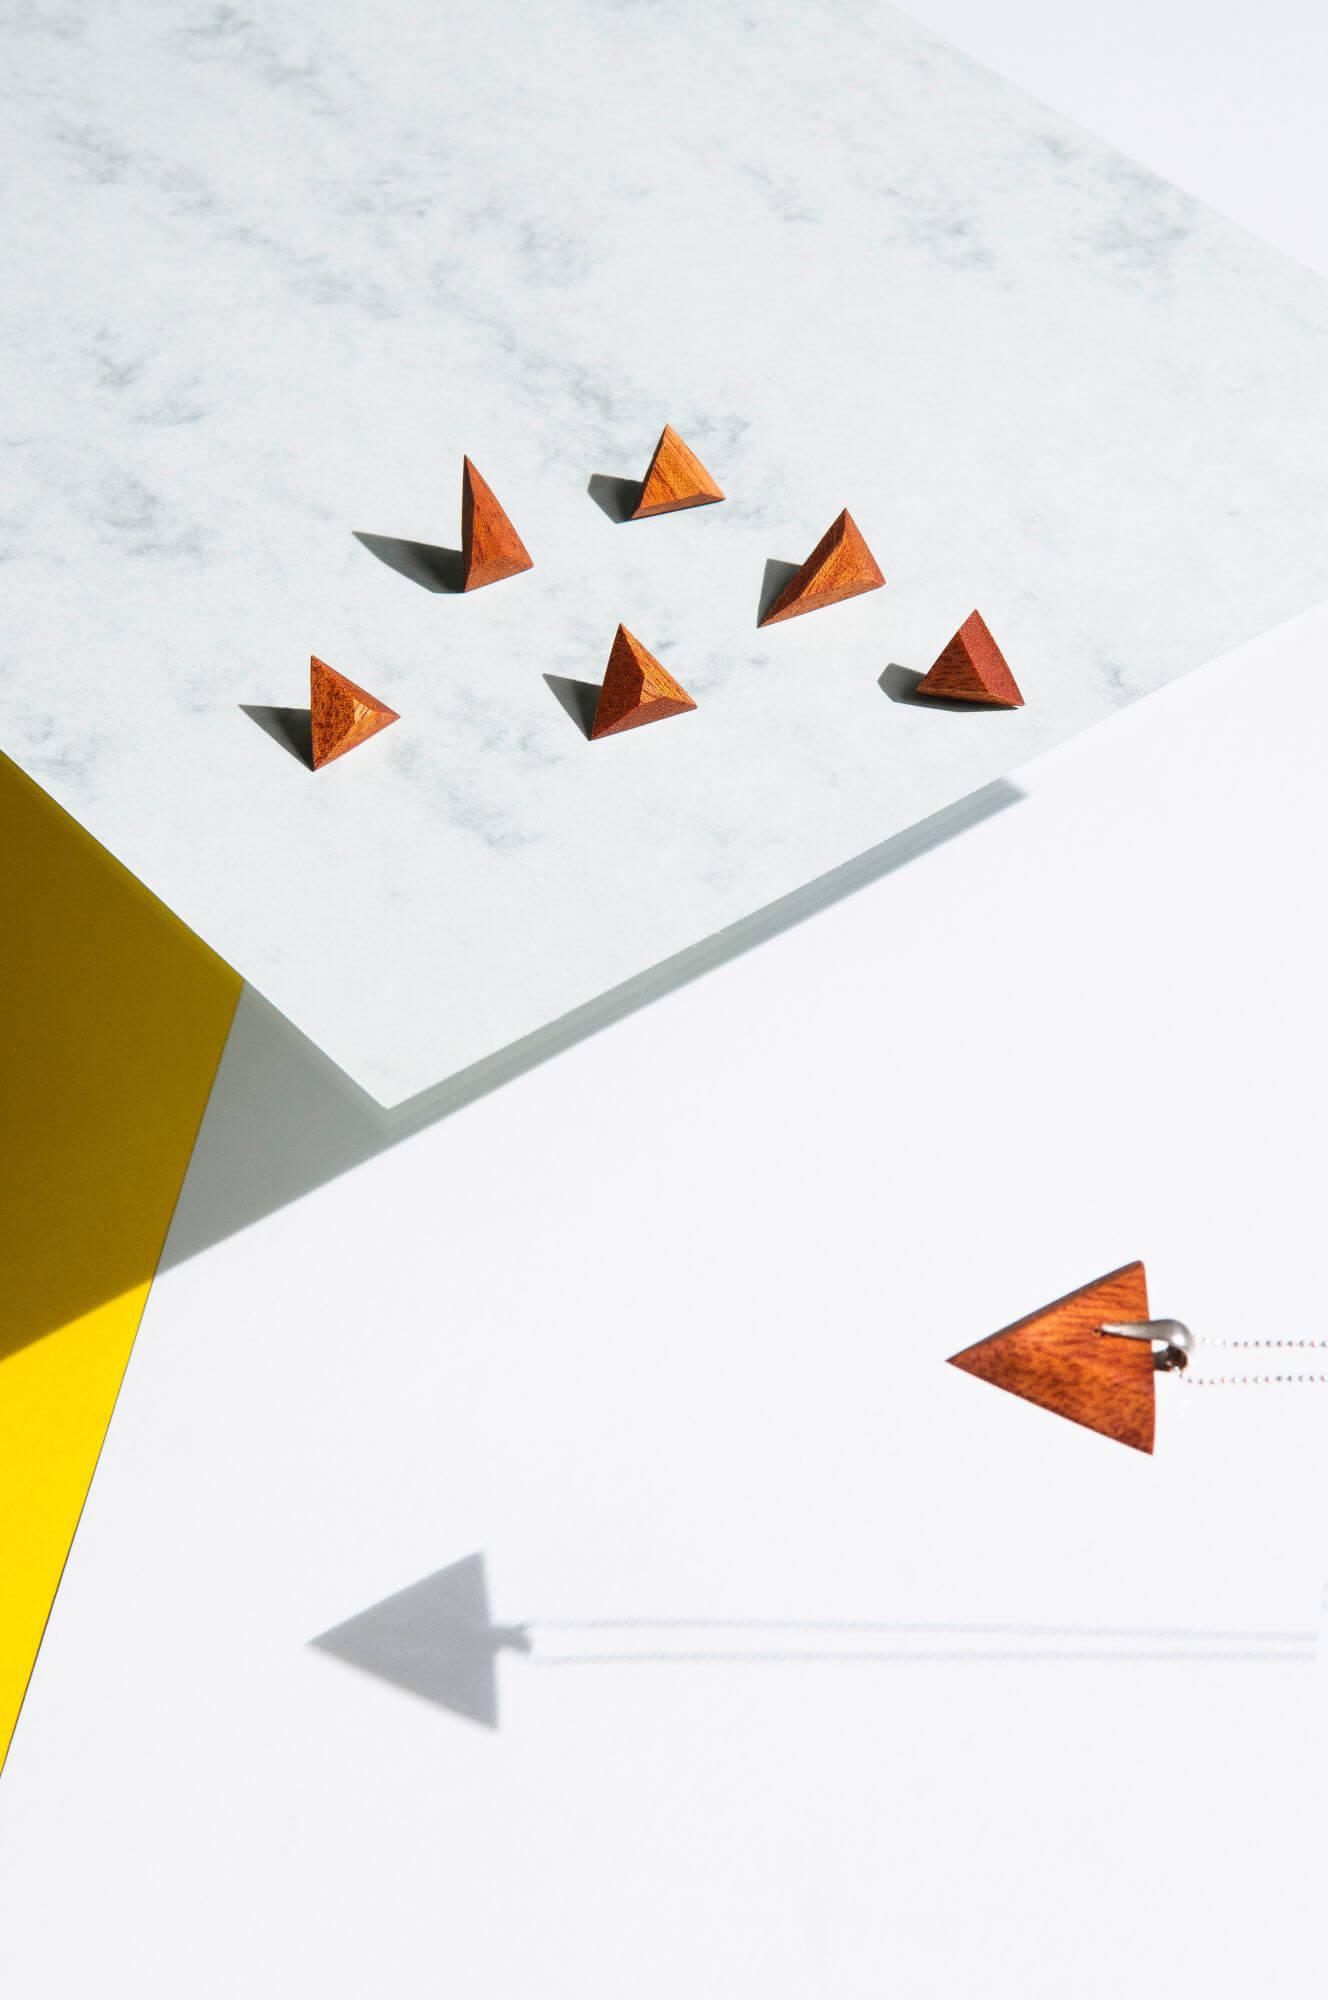 Марцин Гижицки, Польша / Marcin Gizycki, Poland, Победитель категории «Продукт», Фотоконкурс Hasselblad Masters